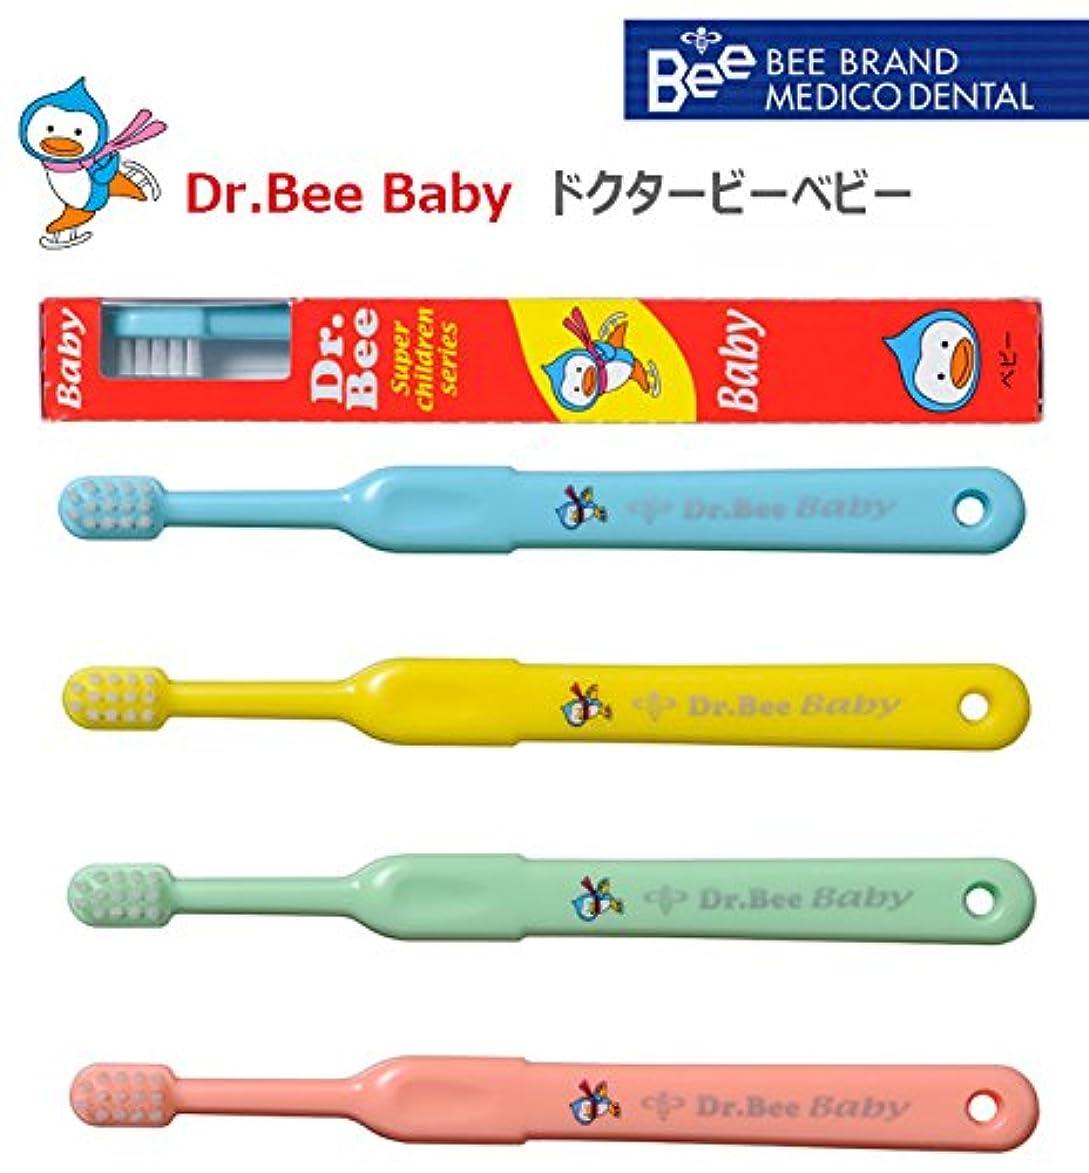 怖いあらゆる種類の薬局ビーブランド ドクタービー Dr.Bee ベビー 4色アソート 20本